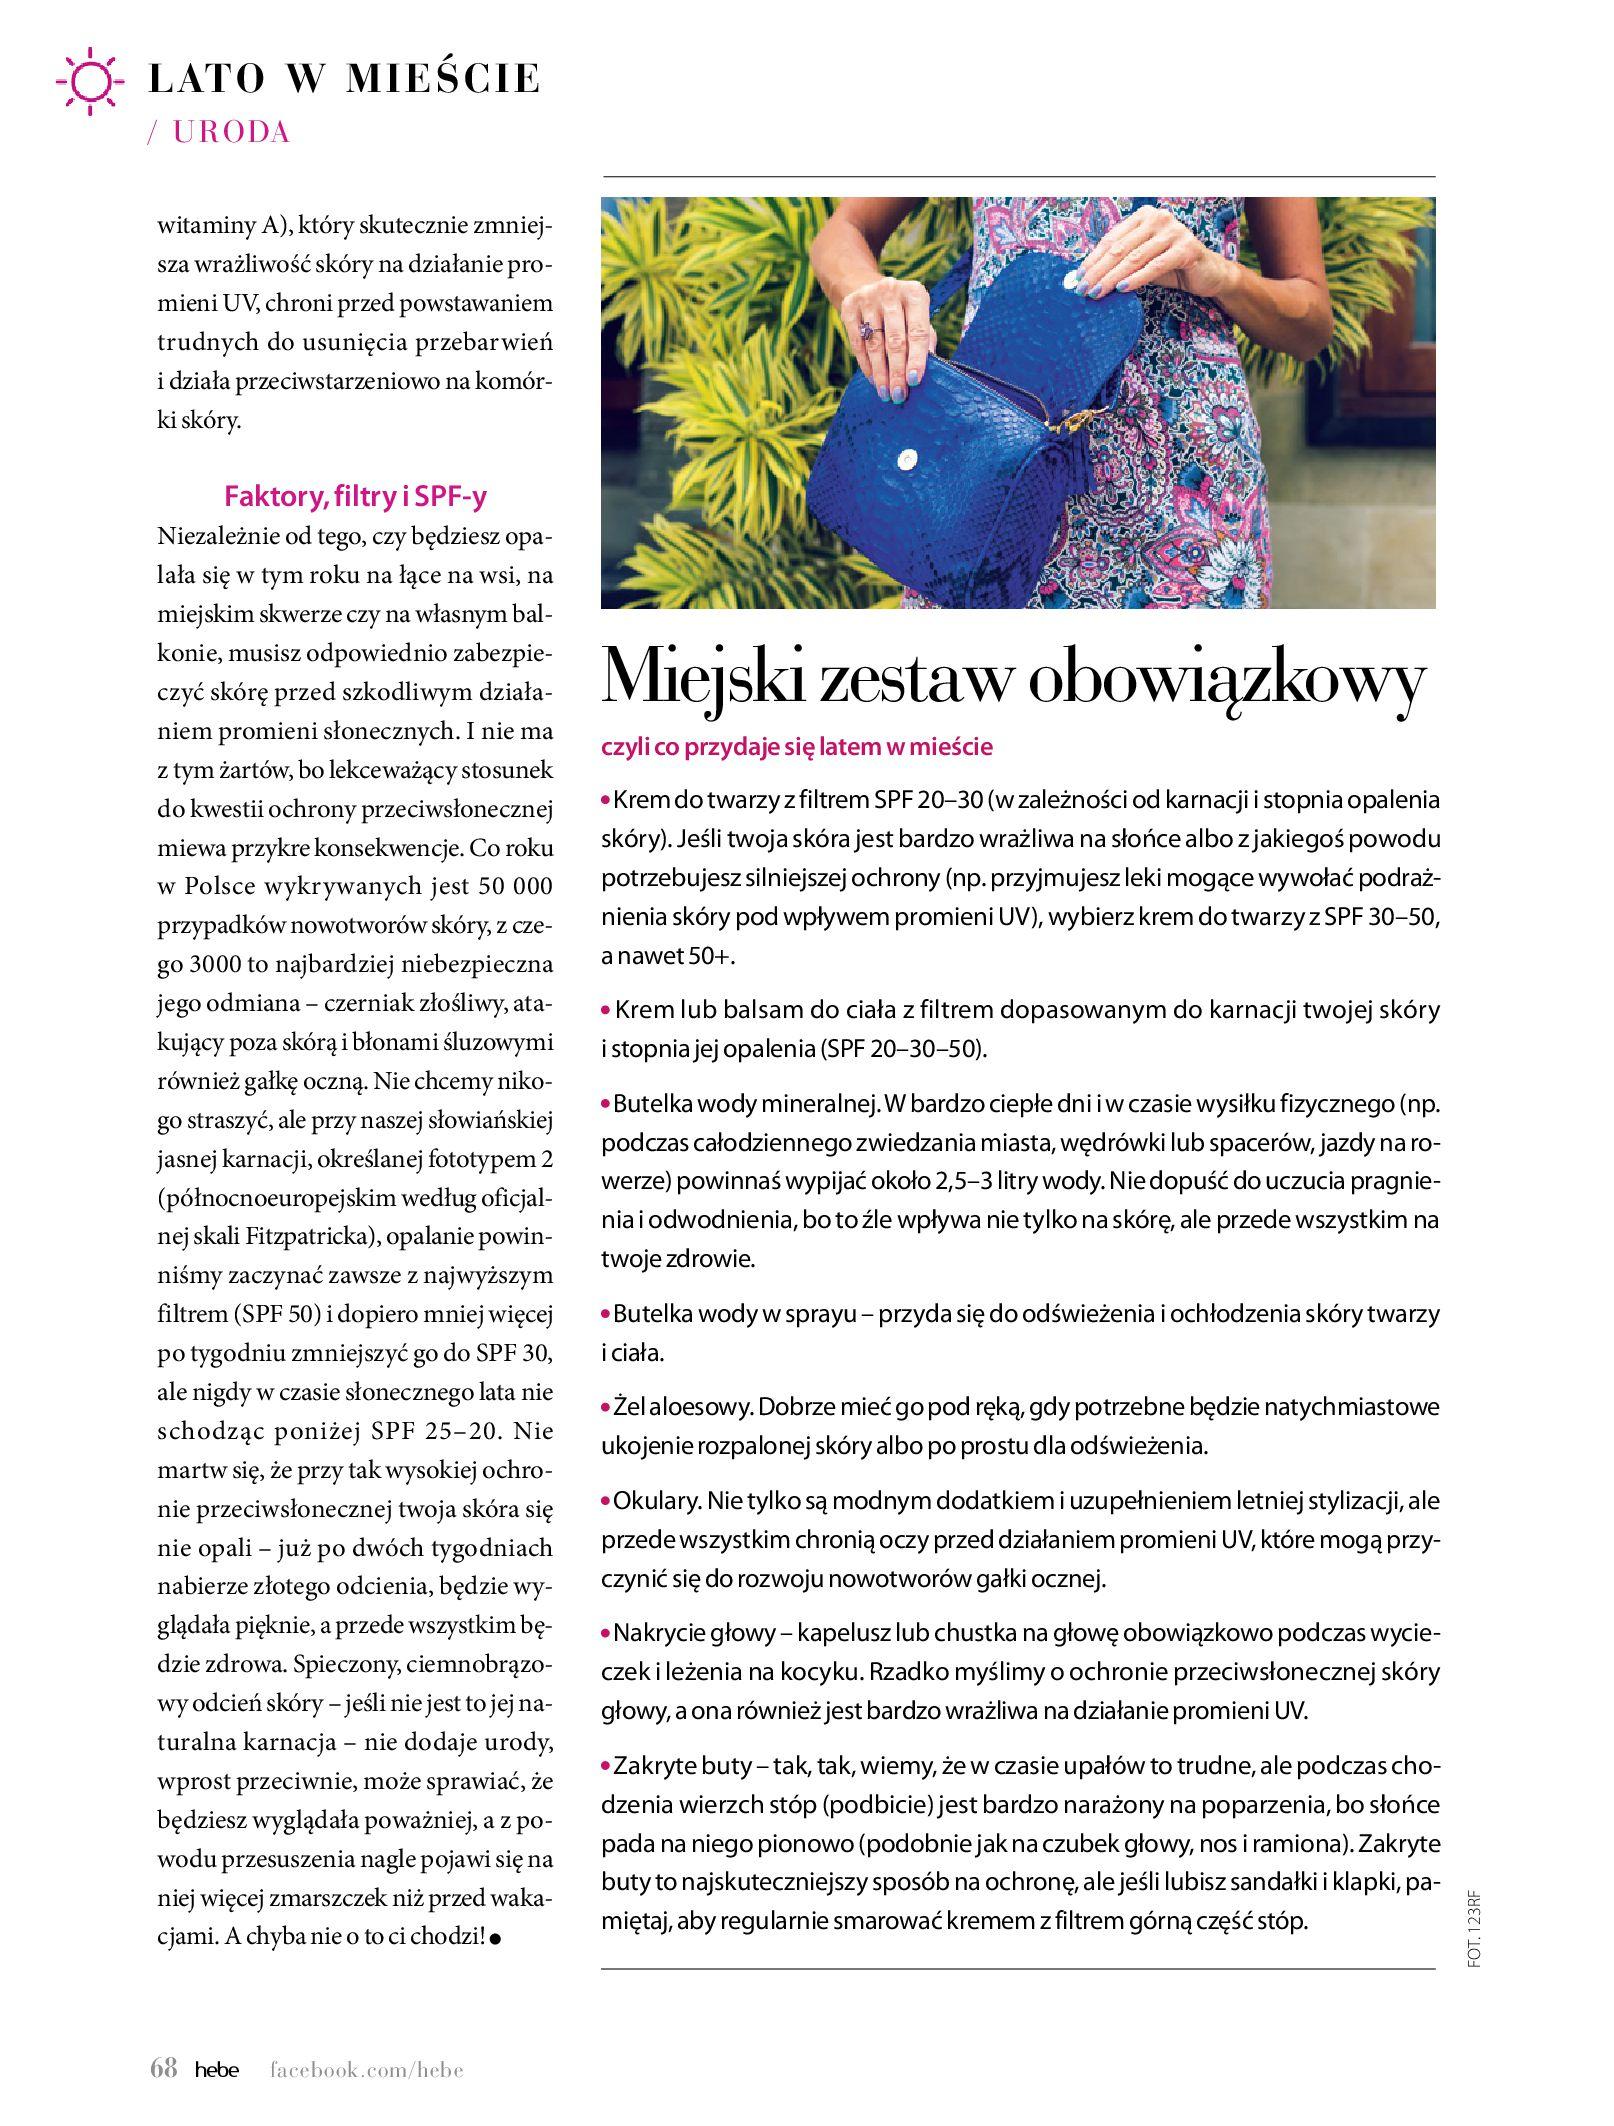 Gazetka hebe - Magazyn Hebe-30.06.2020-31.08.2020-page-68